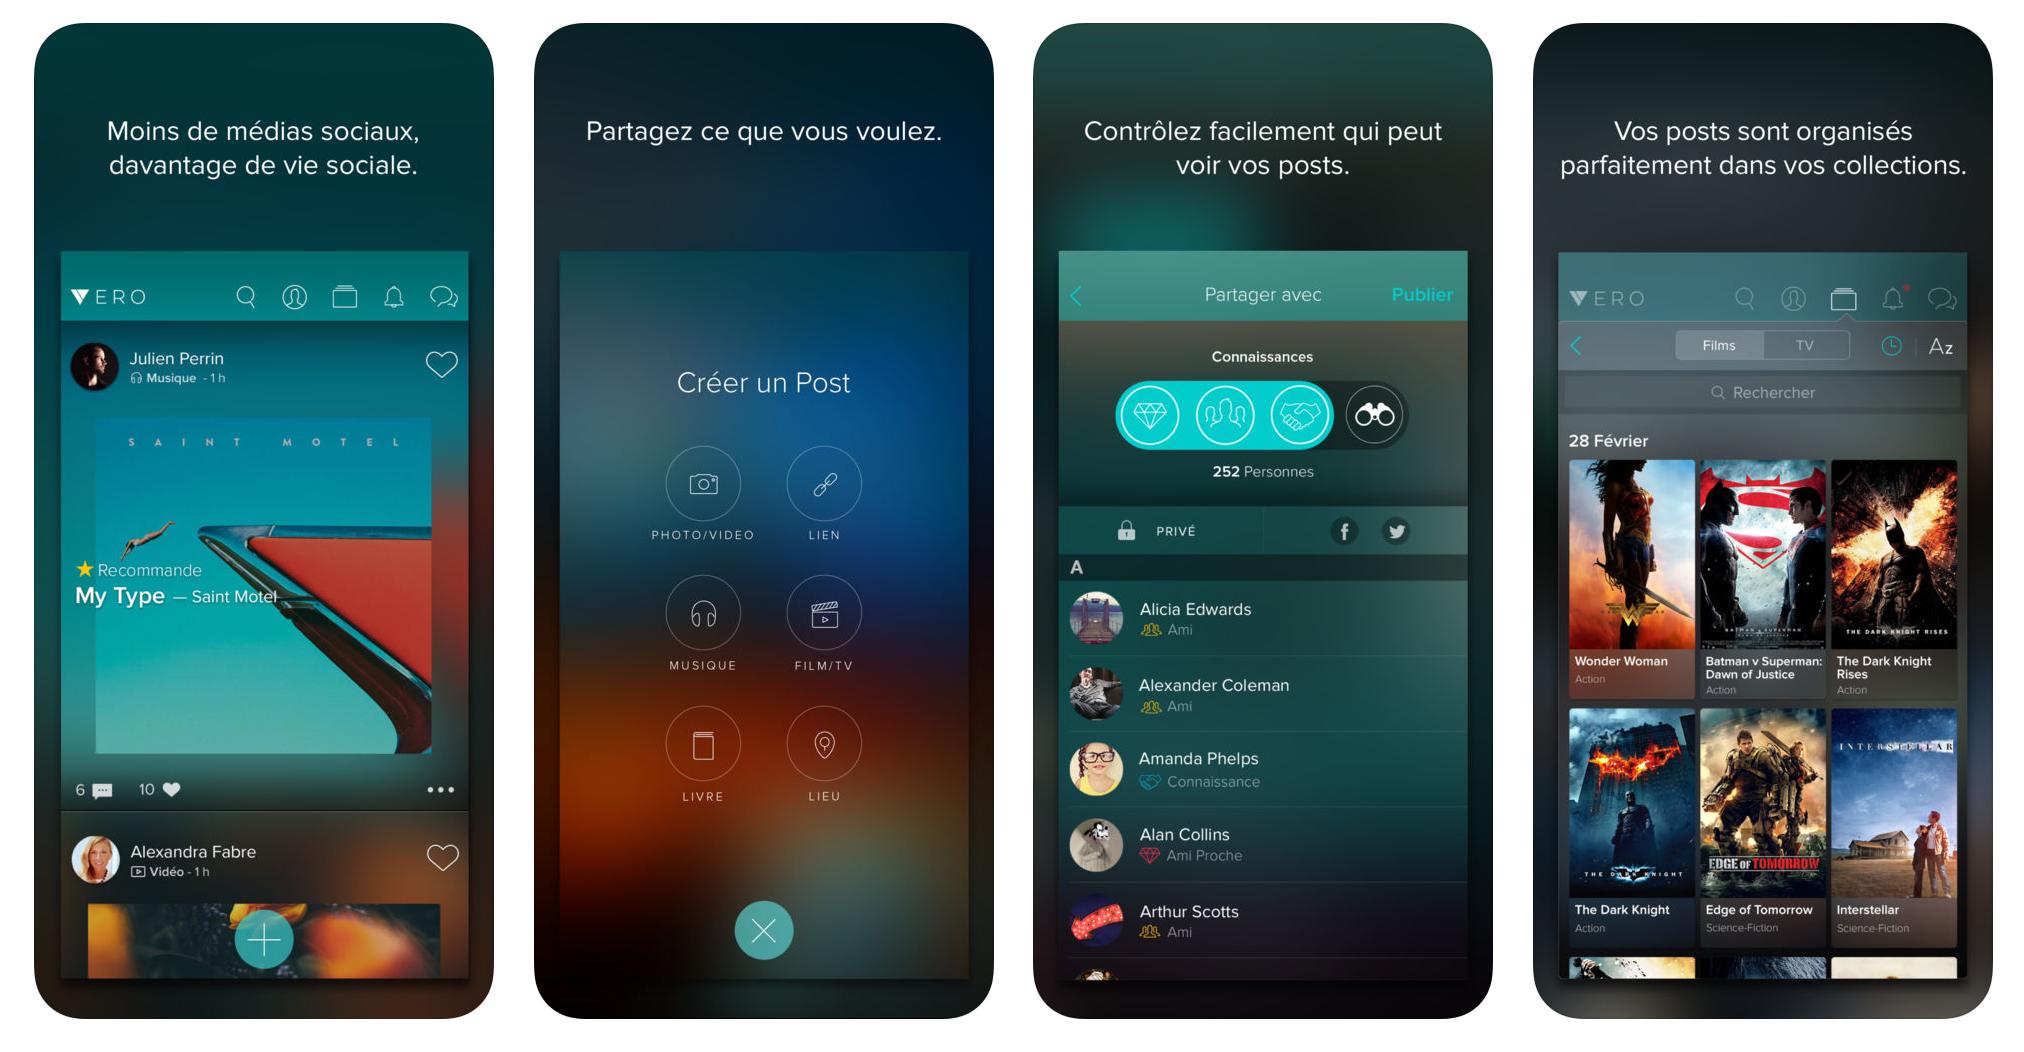 Vero : Le nouveau réseau social qui veut détrôner Facebook et Instagram